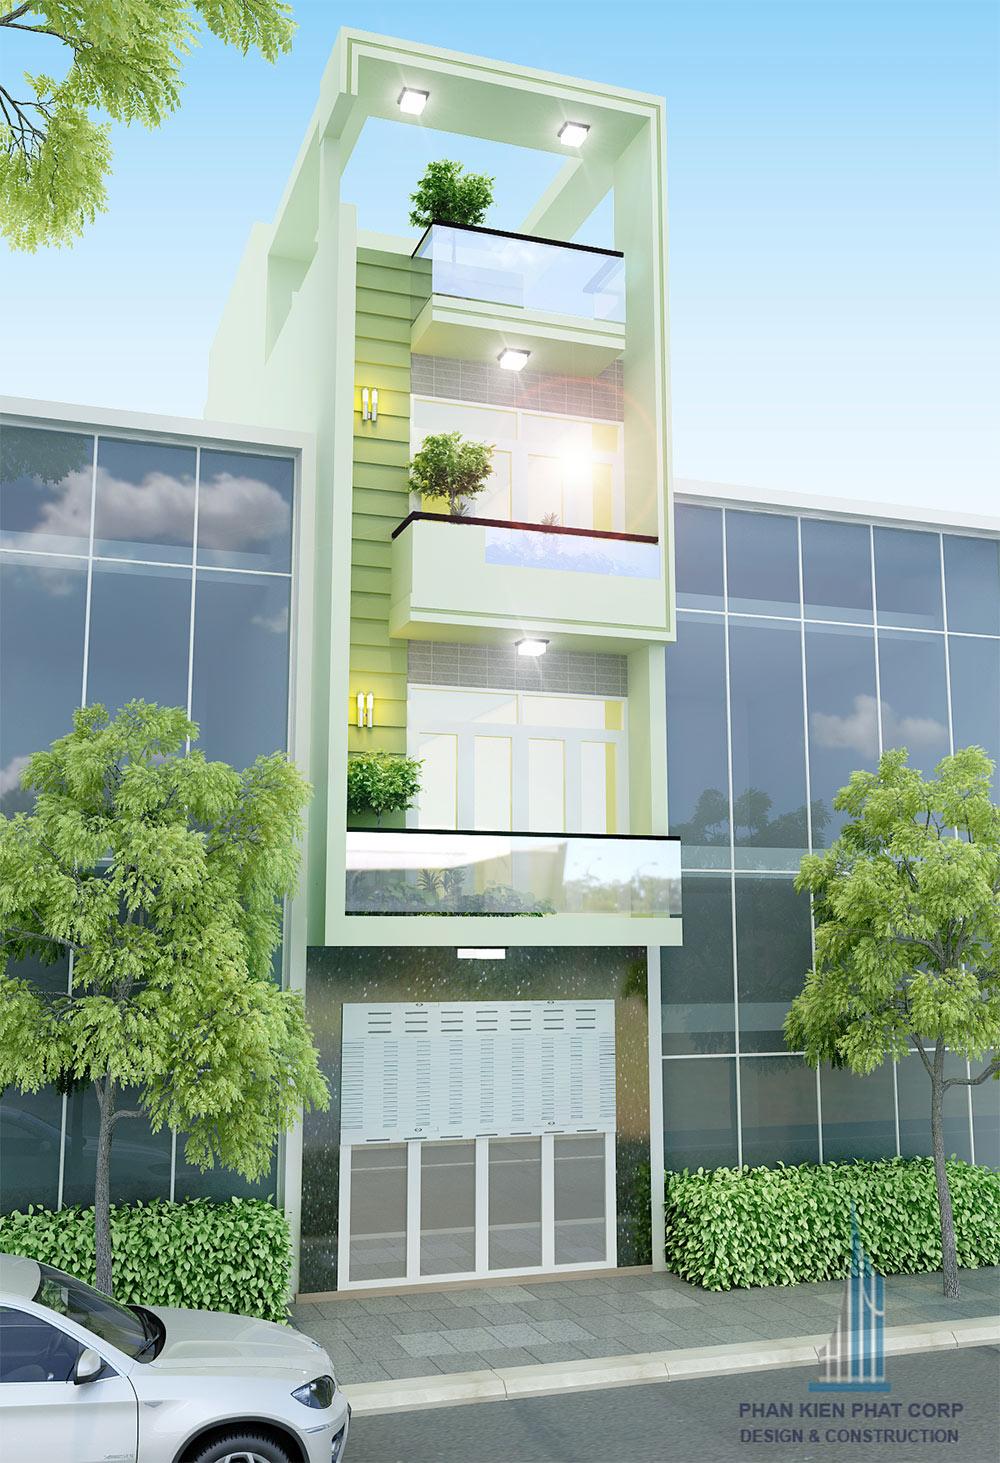 Công trình, Thiết kế nhà 4 tầng, Chị Quế Thương